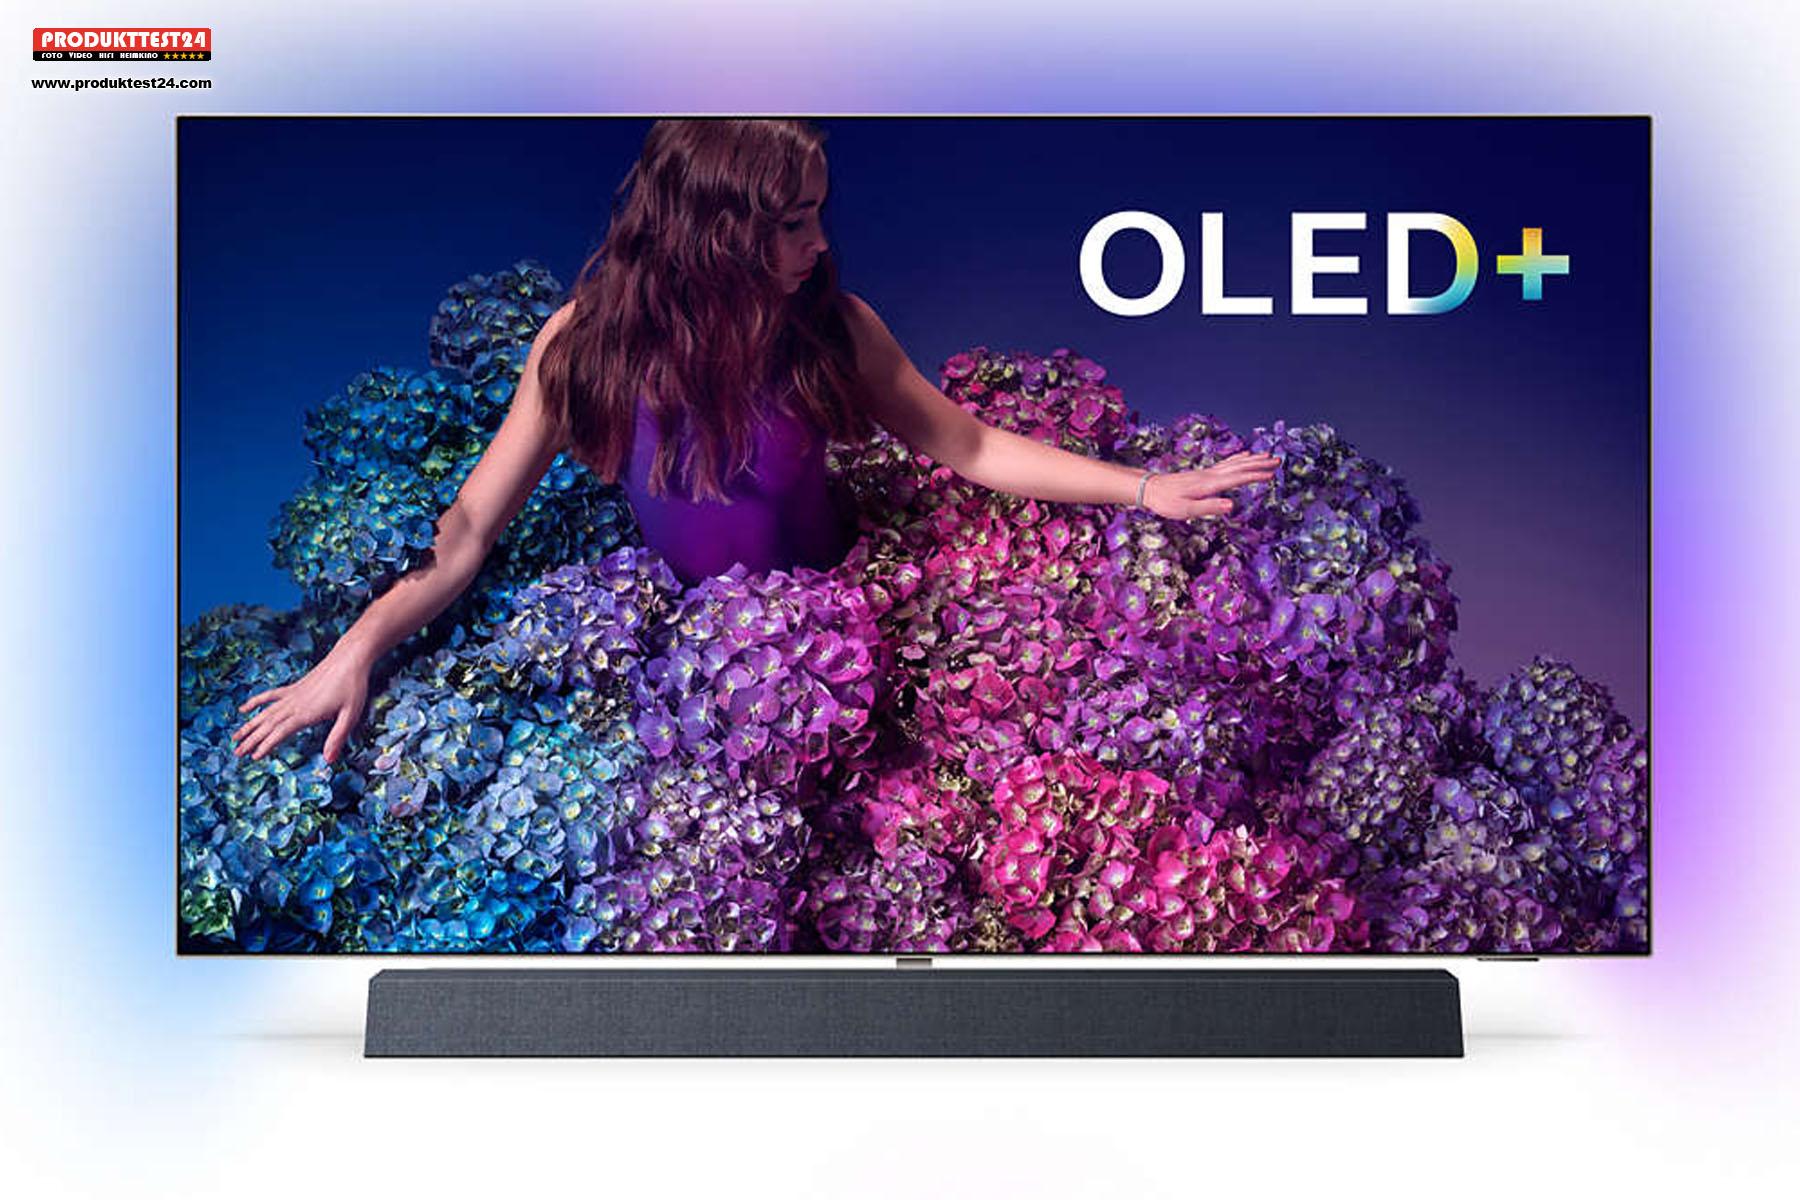 Der Philips 65OLED934/12 4K-Fernseher